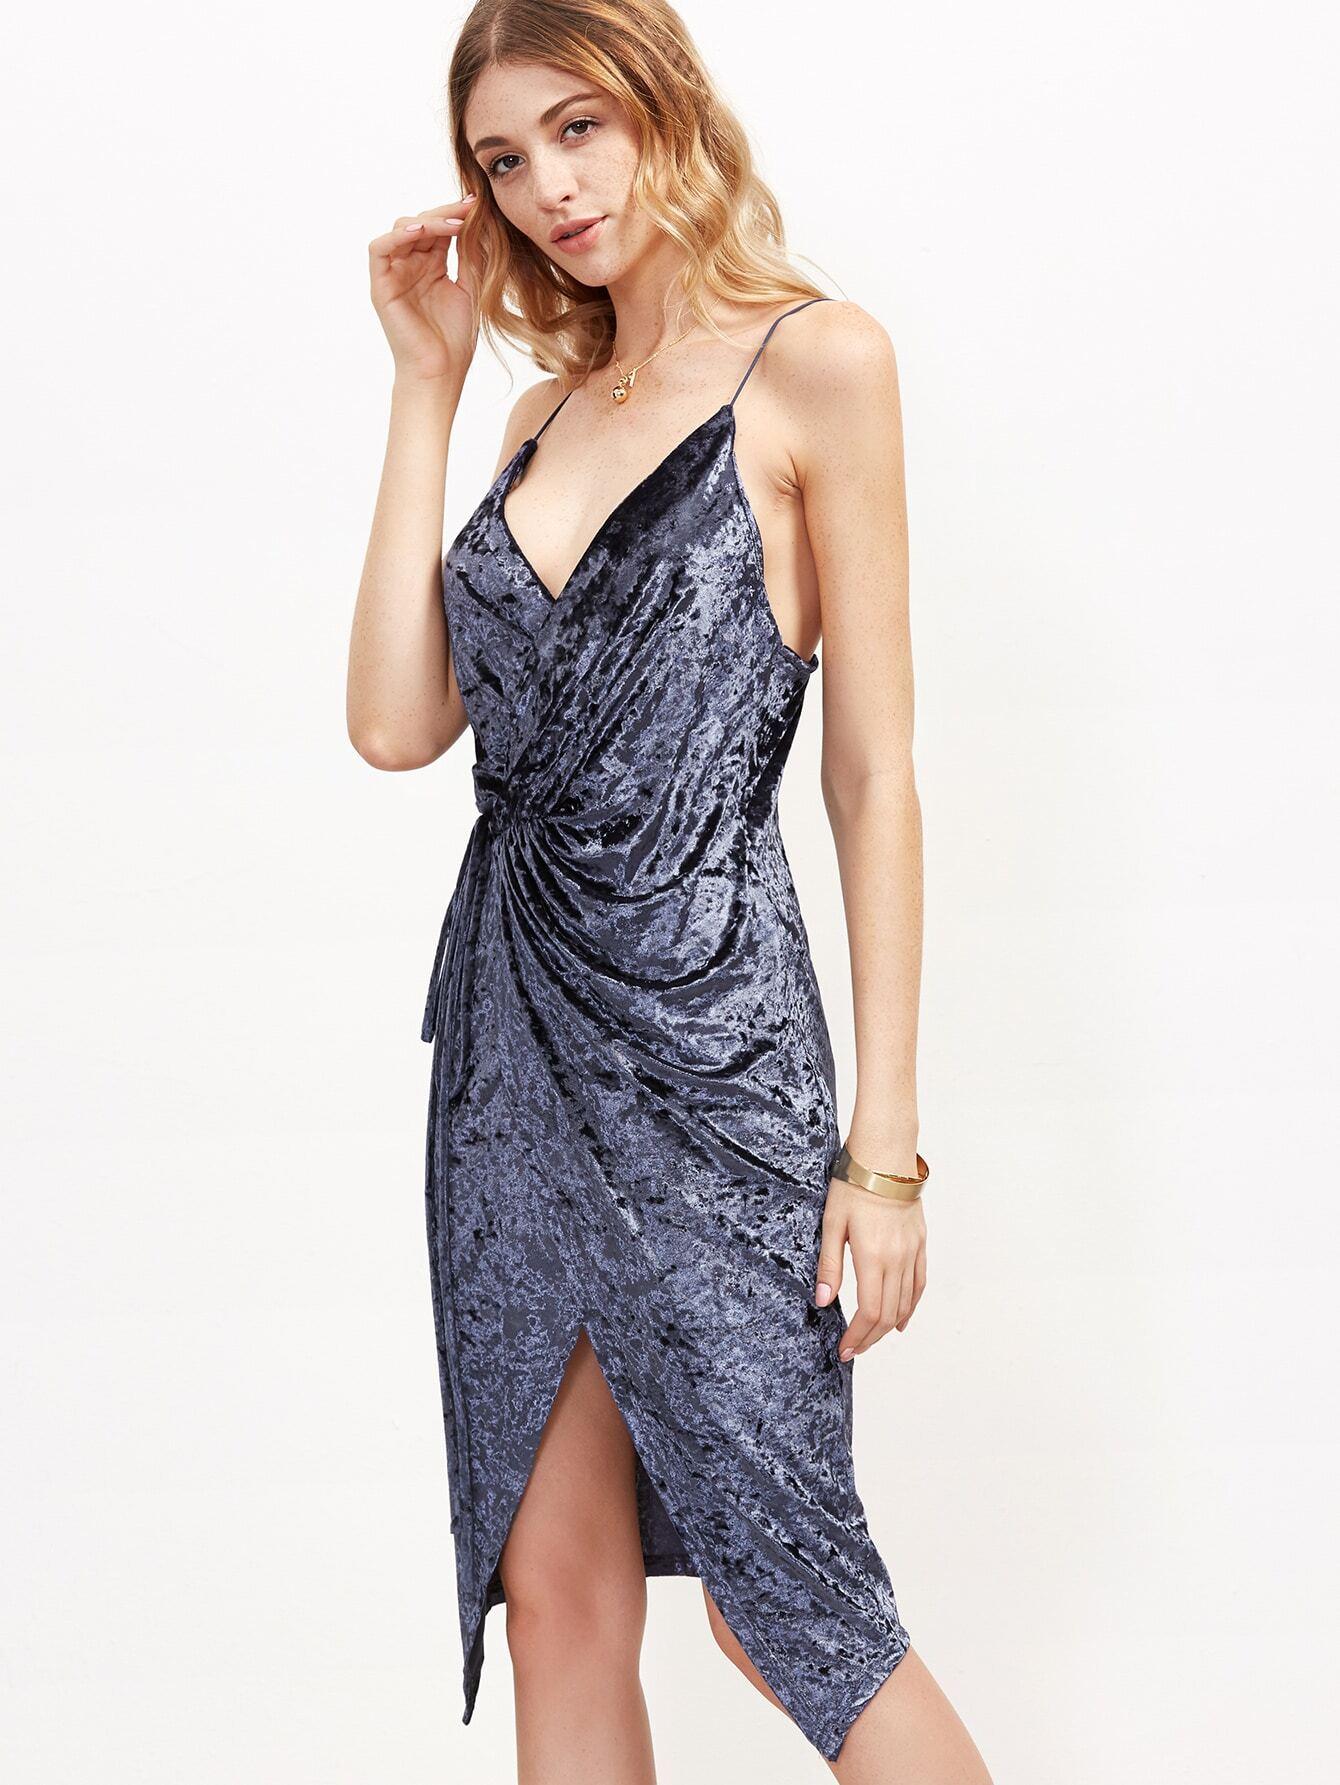 dress161017713_2